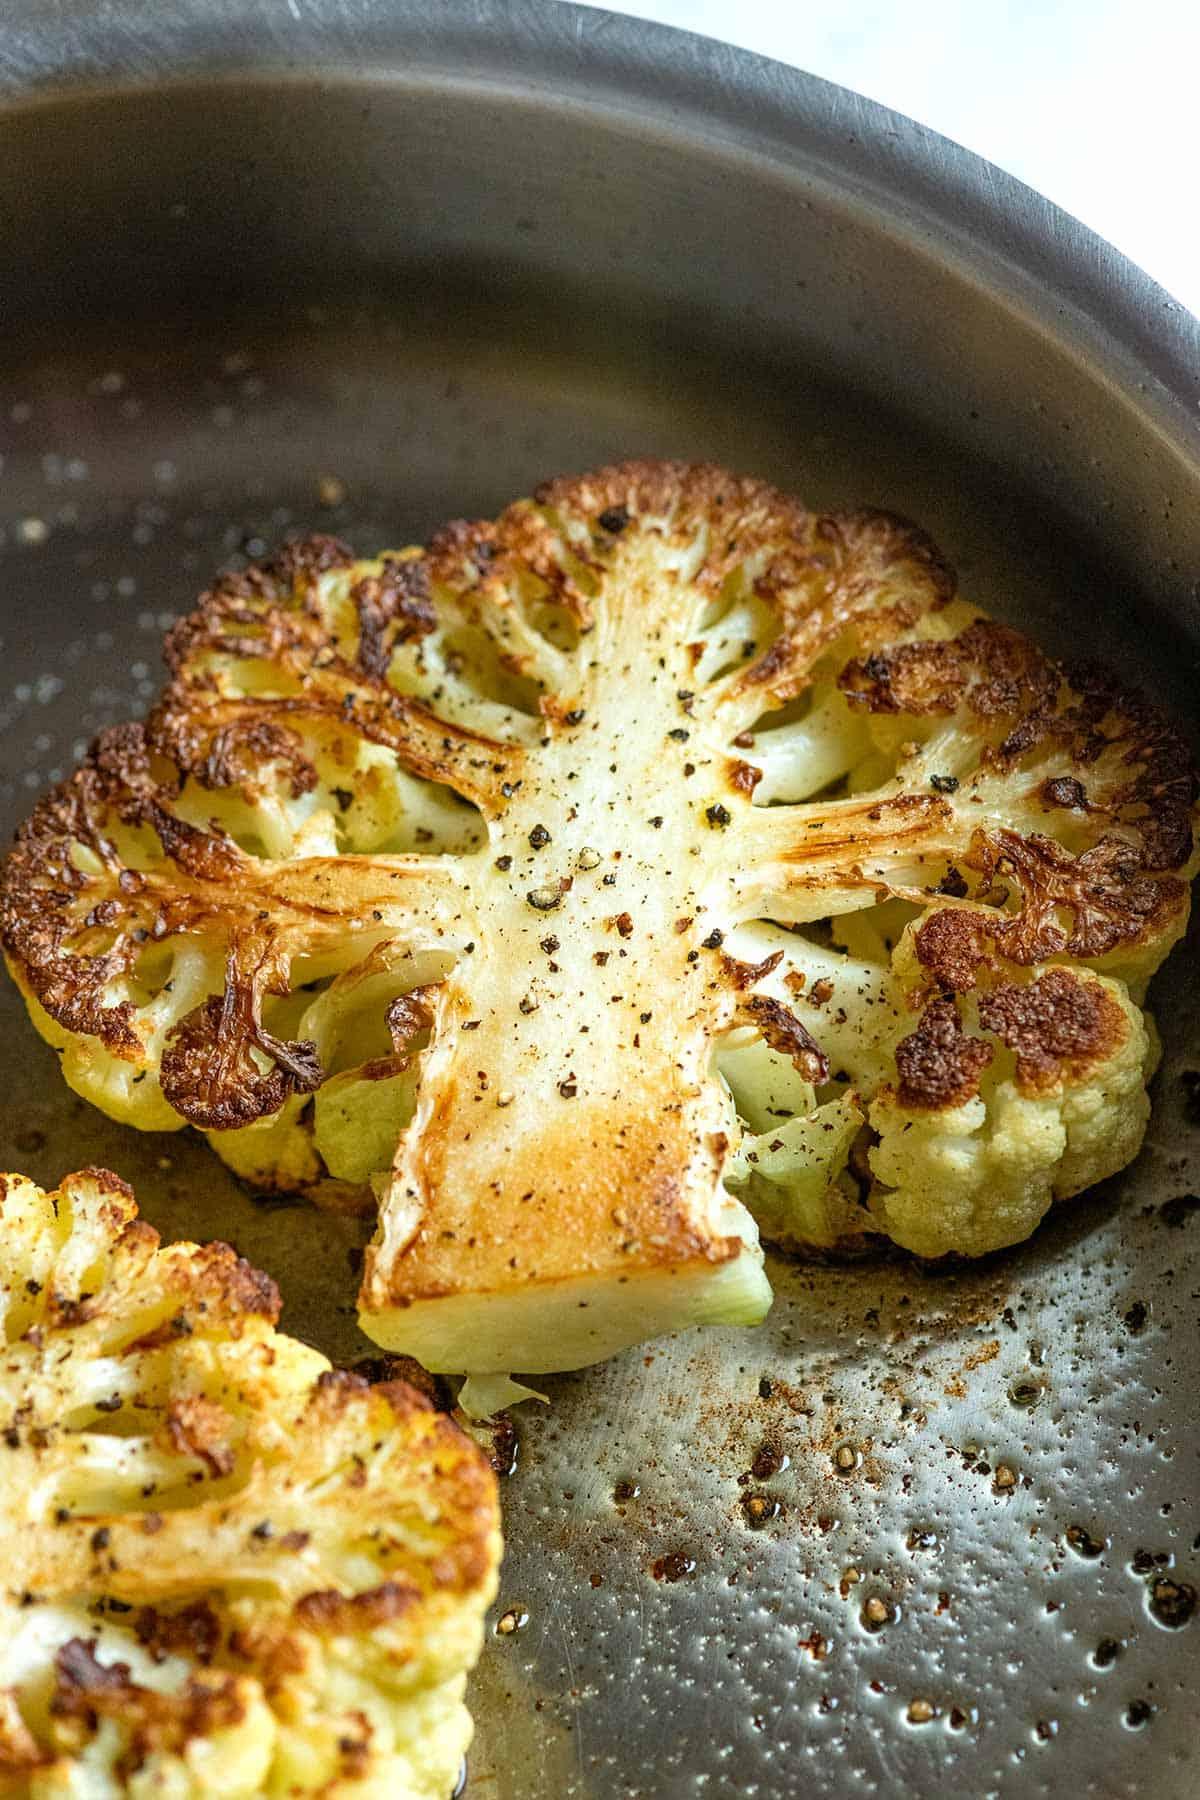 Schrittfoto, das zeigt, wie man Blumenkohlsteaks in einer Pfanne kocht.  Der Blumenkohl ist goldbraun und leicht mit Salz gewürzt.